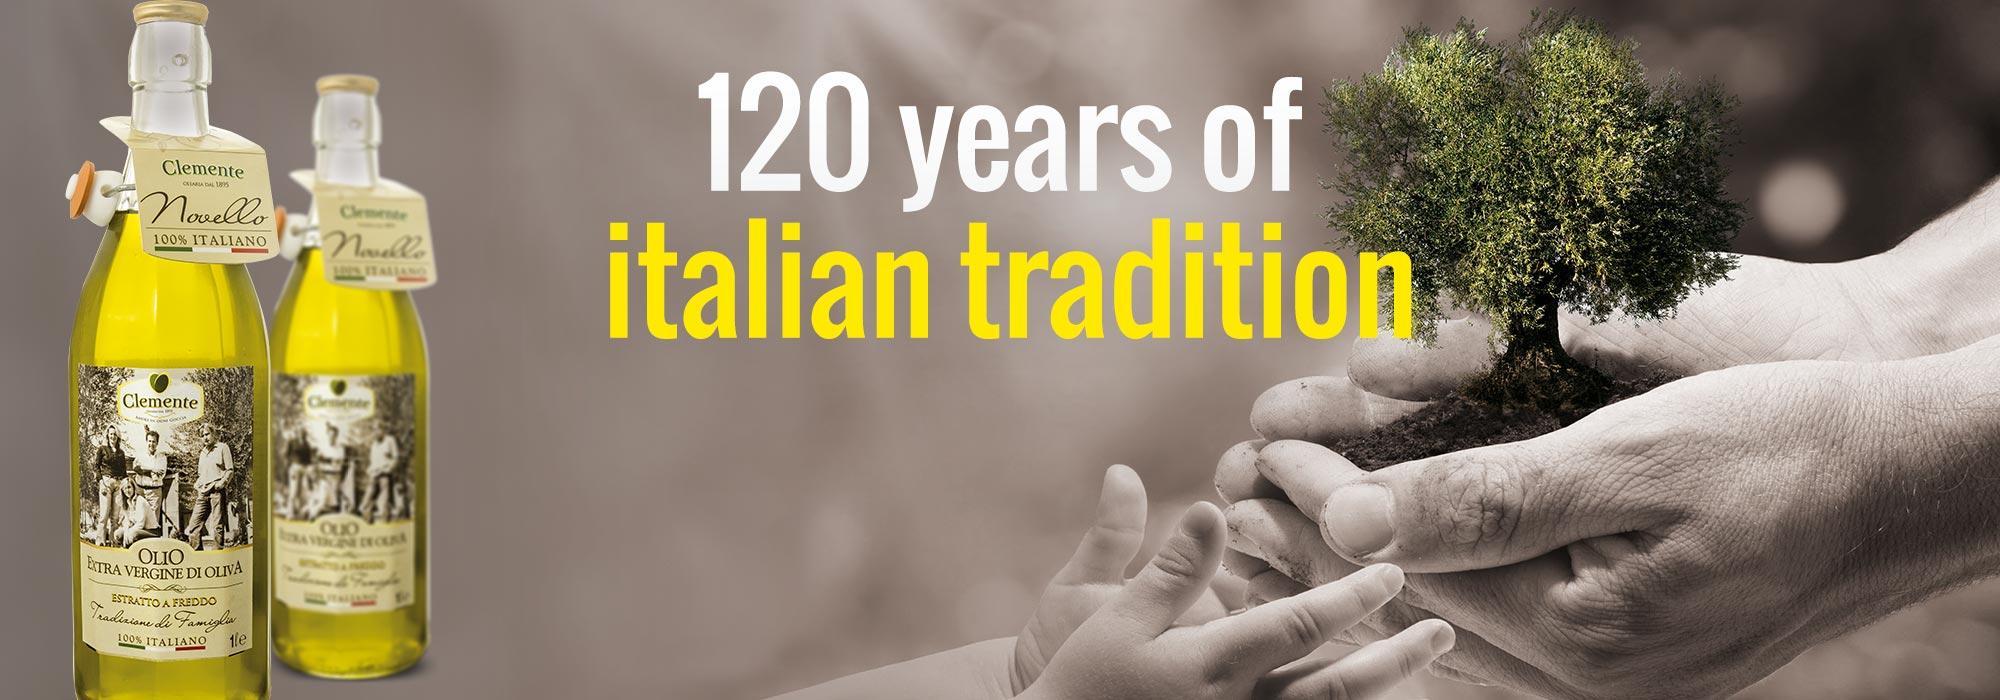 slider-tradizione-italiana-world